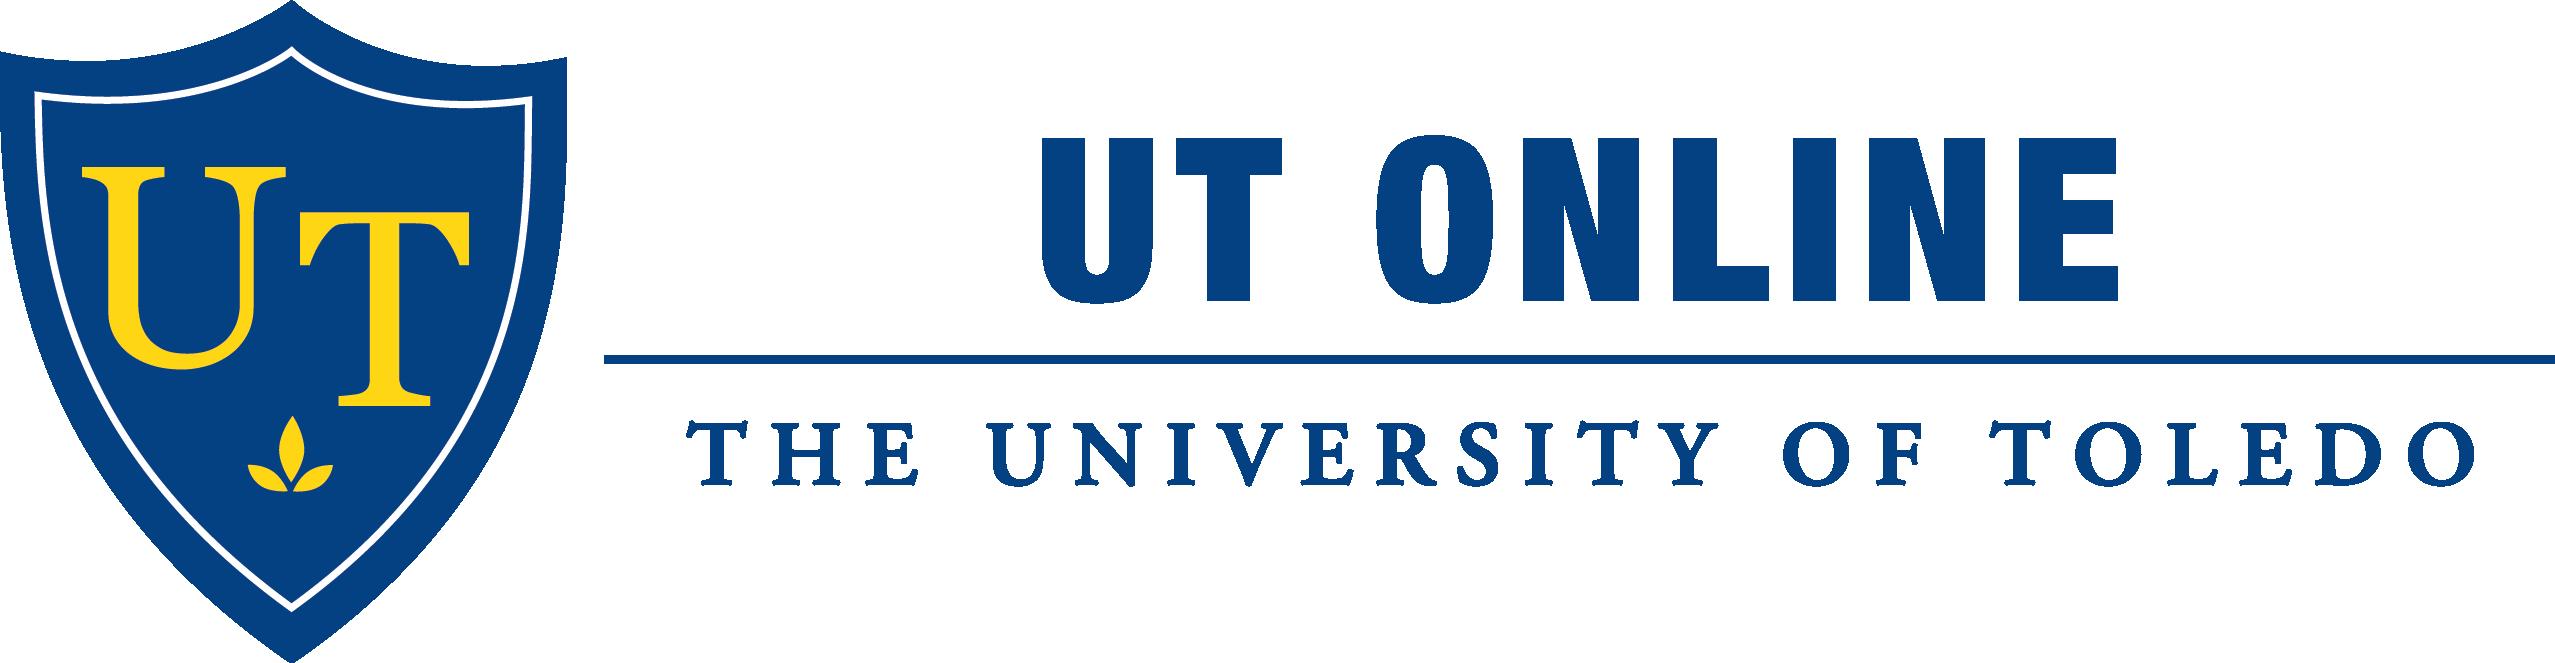 UT Online Logo